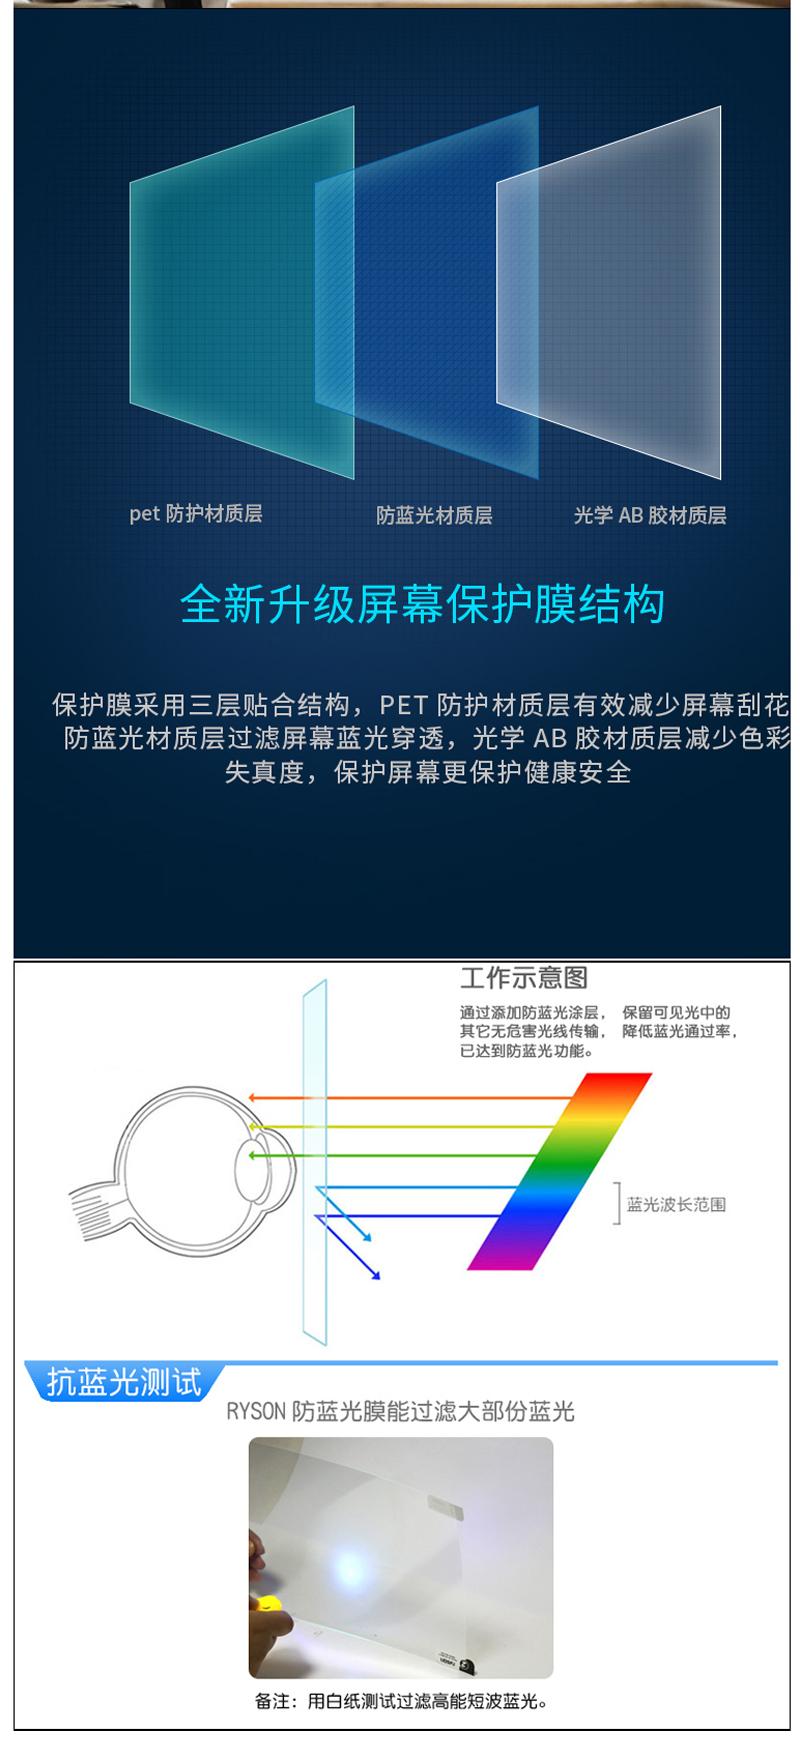 Dán Macbook  133Macbook AirA1369A1466 ABCD 苹果A1369/A1466(苹果004) - ảnh 41